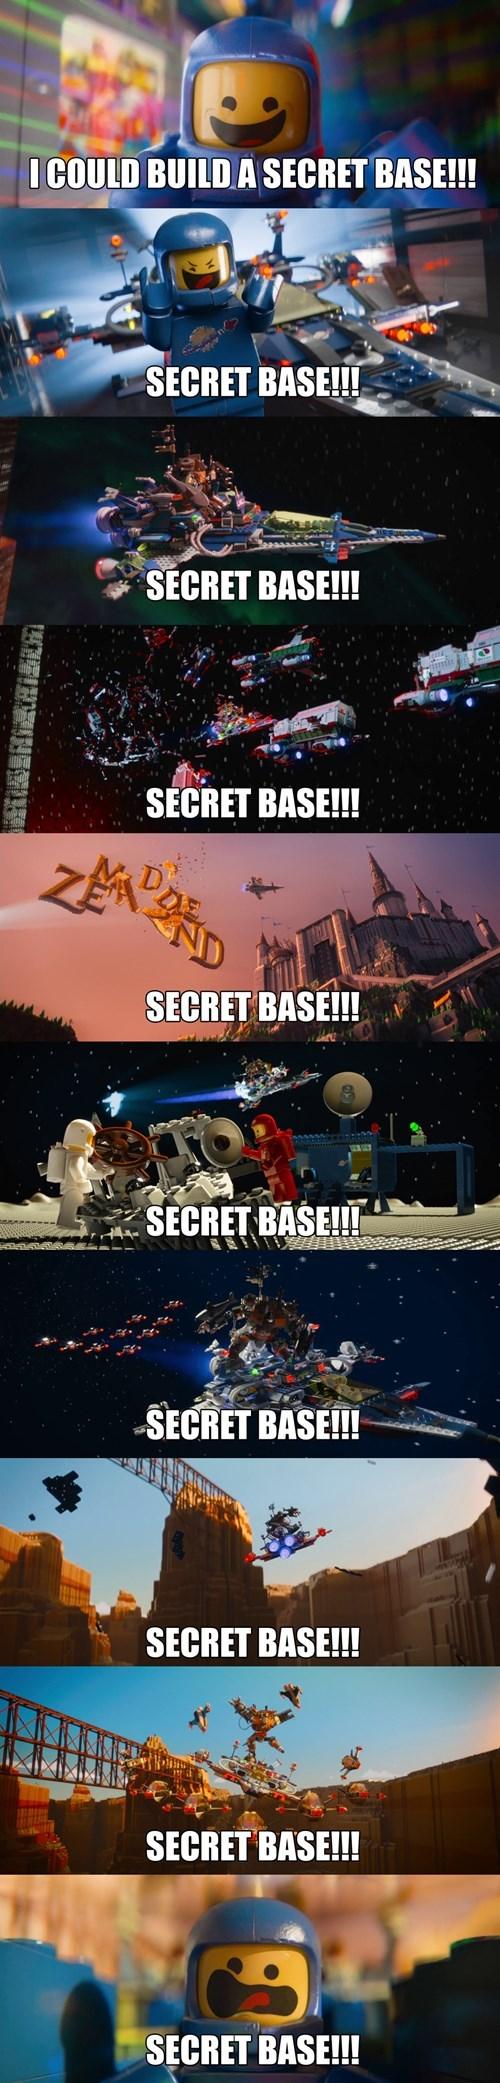 lego secret base - 8255099648